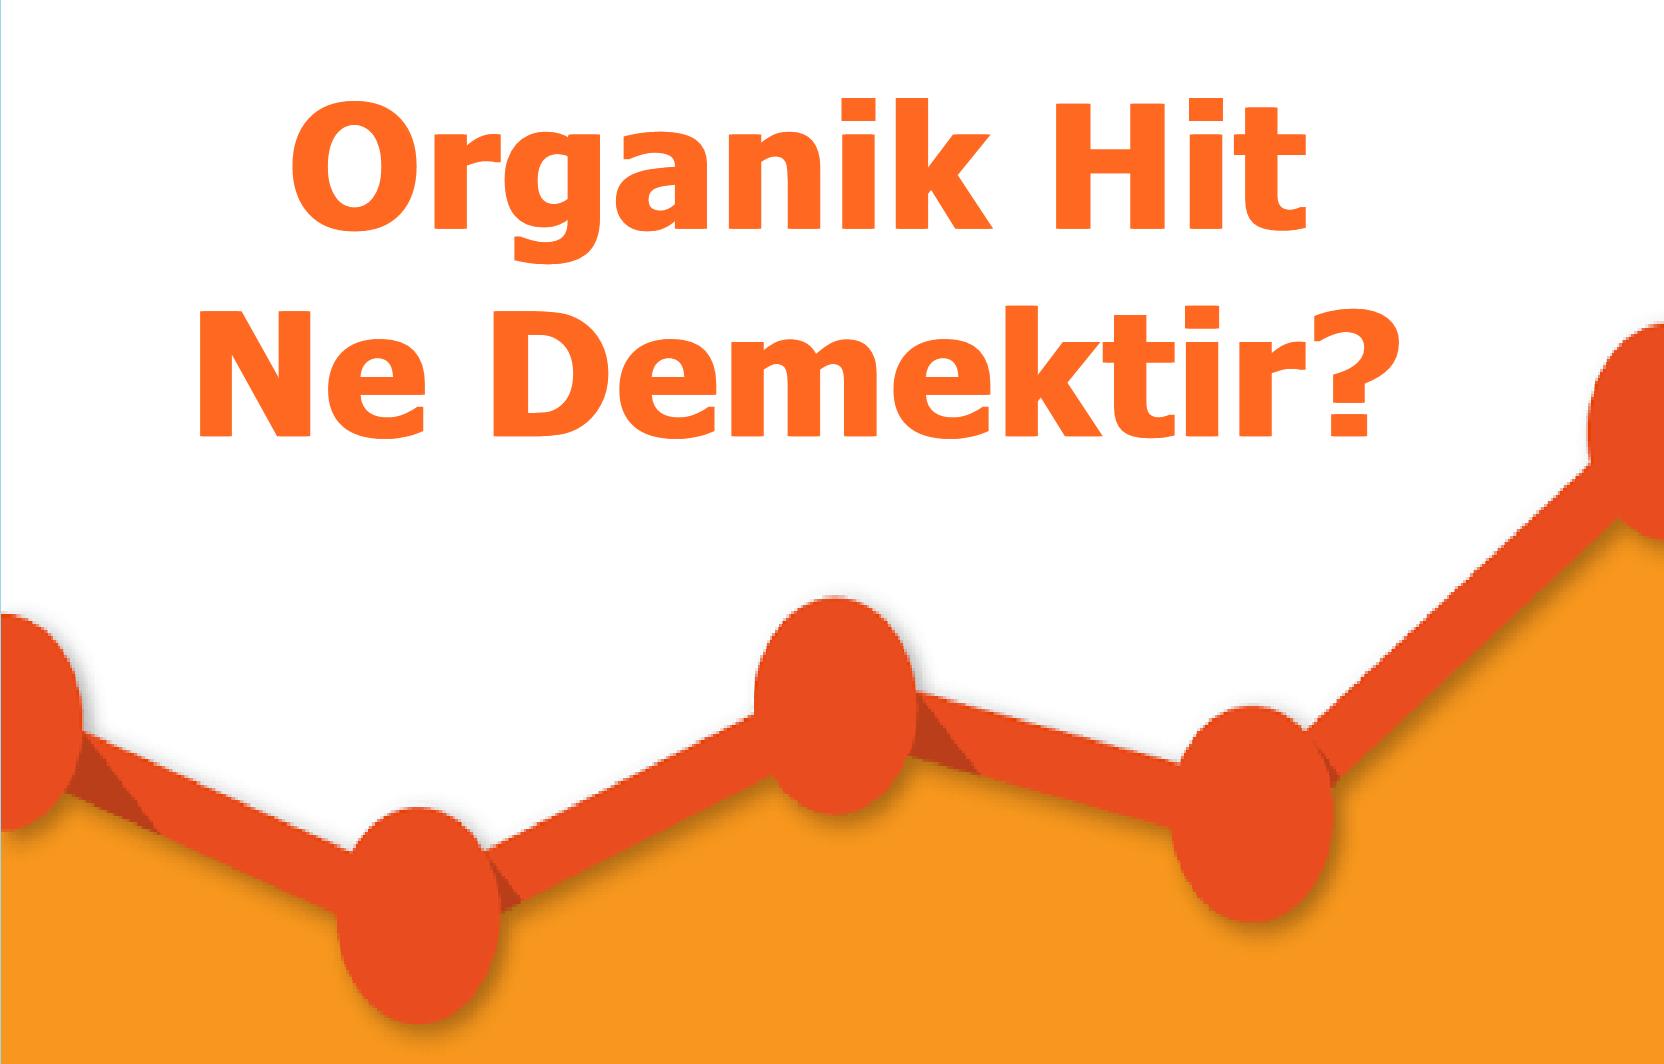 Organik Hit Nedir?